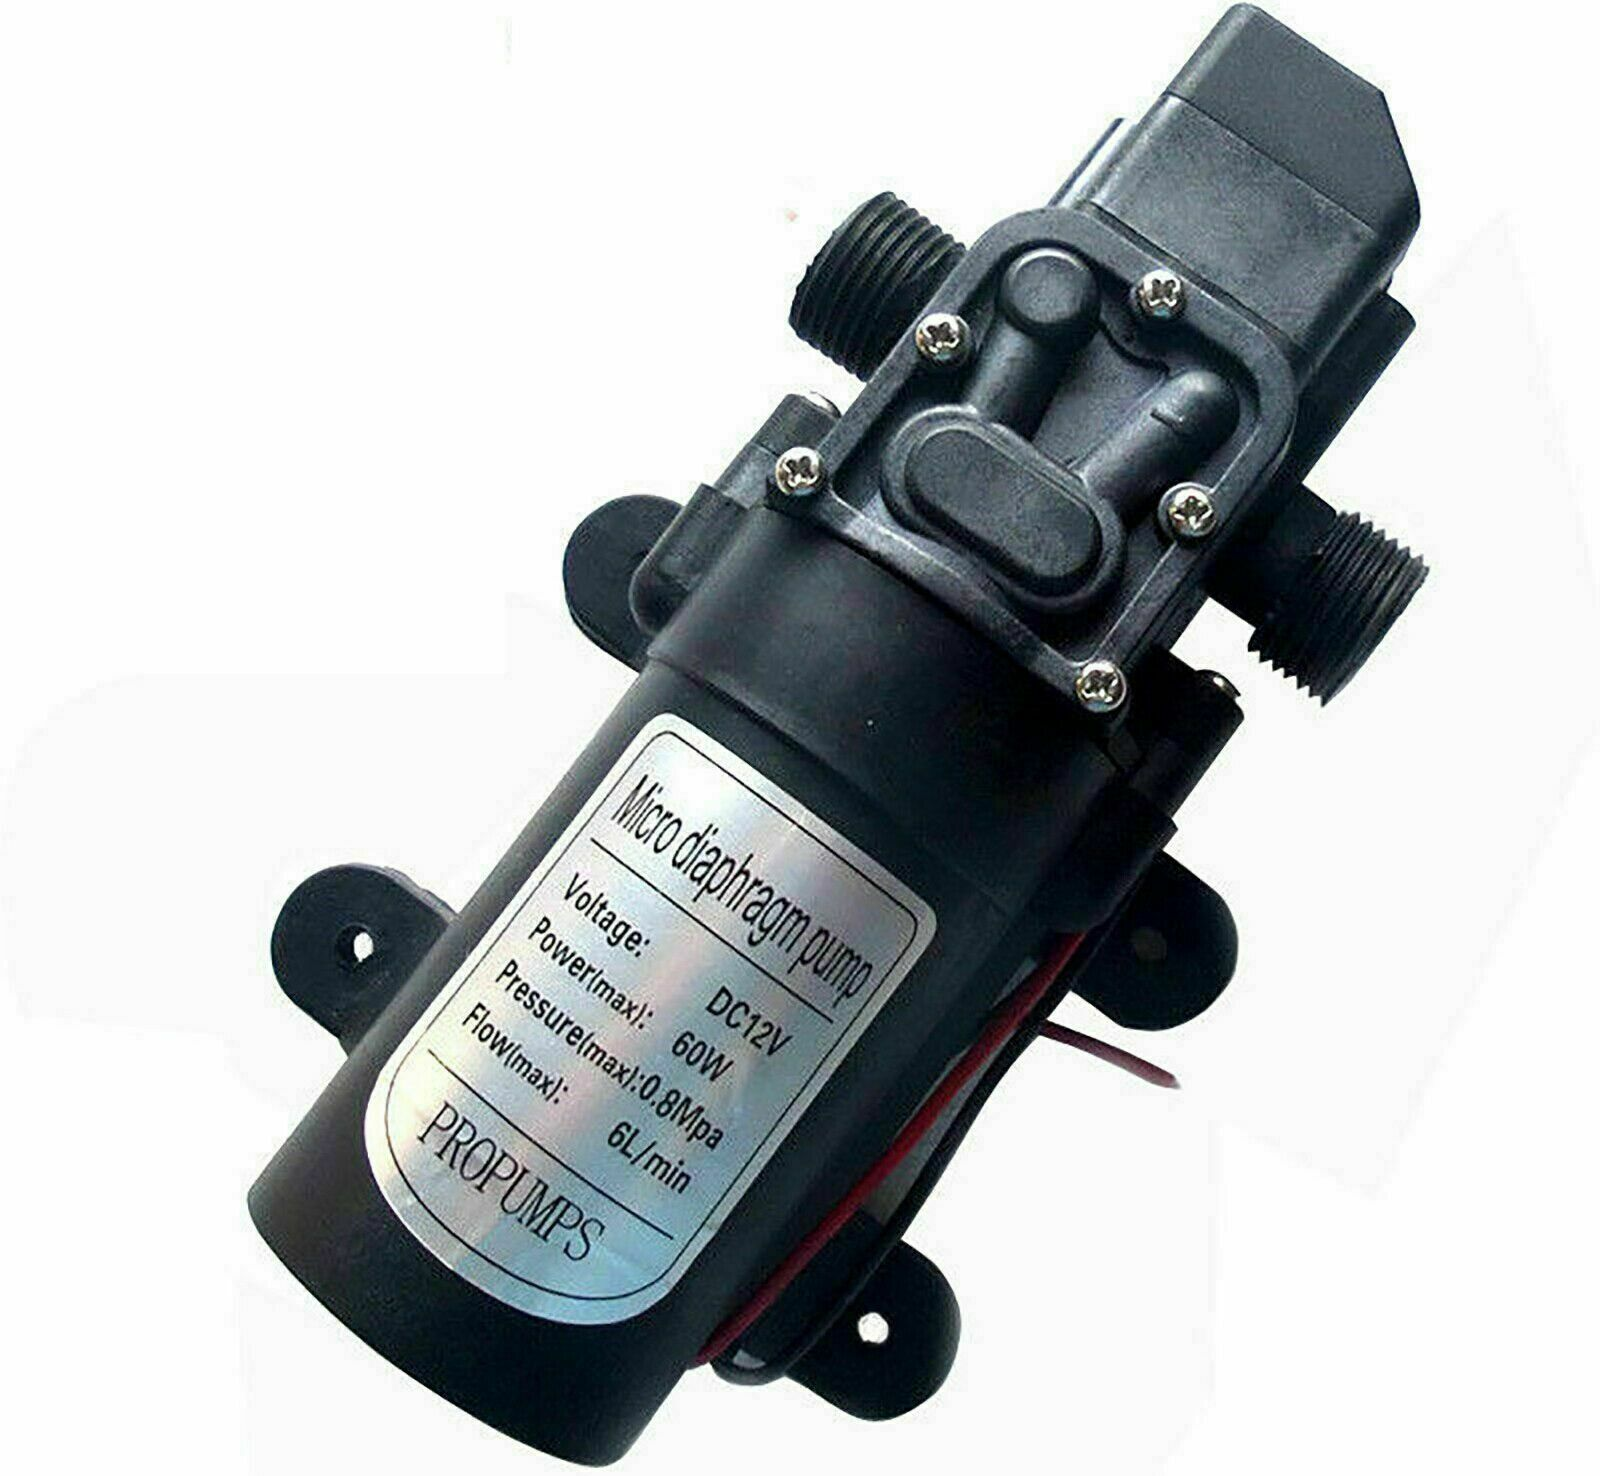 New 12V 60W 5L Per Min High Pressure Diaphragm Water Pump For Car Caravan Boat